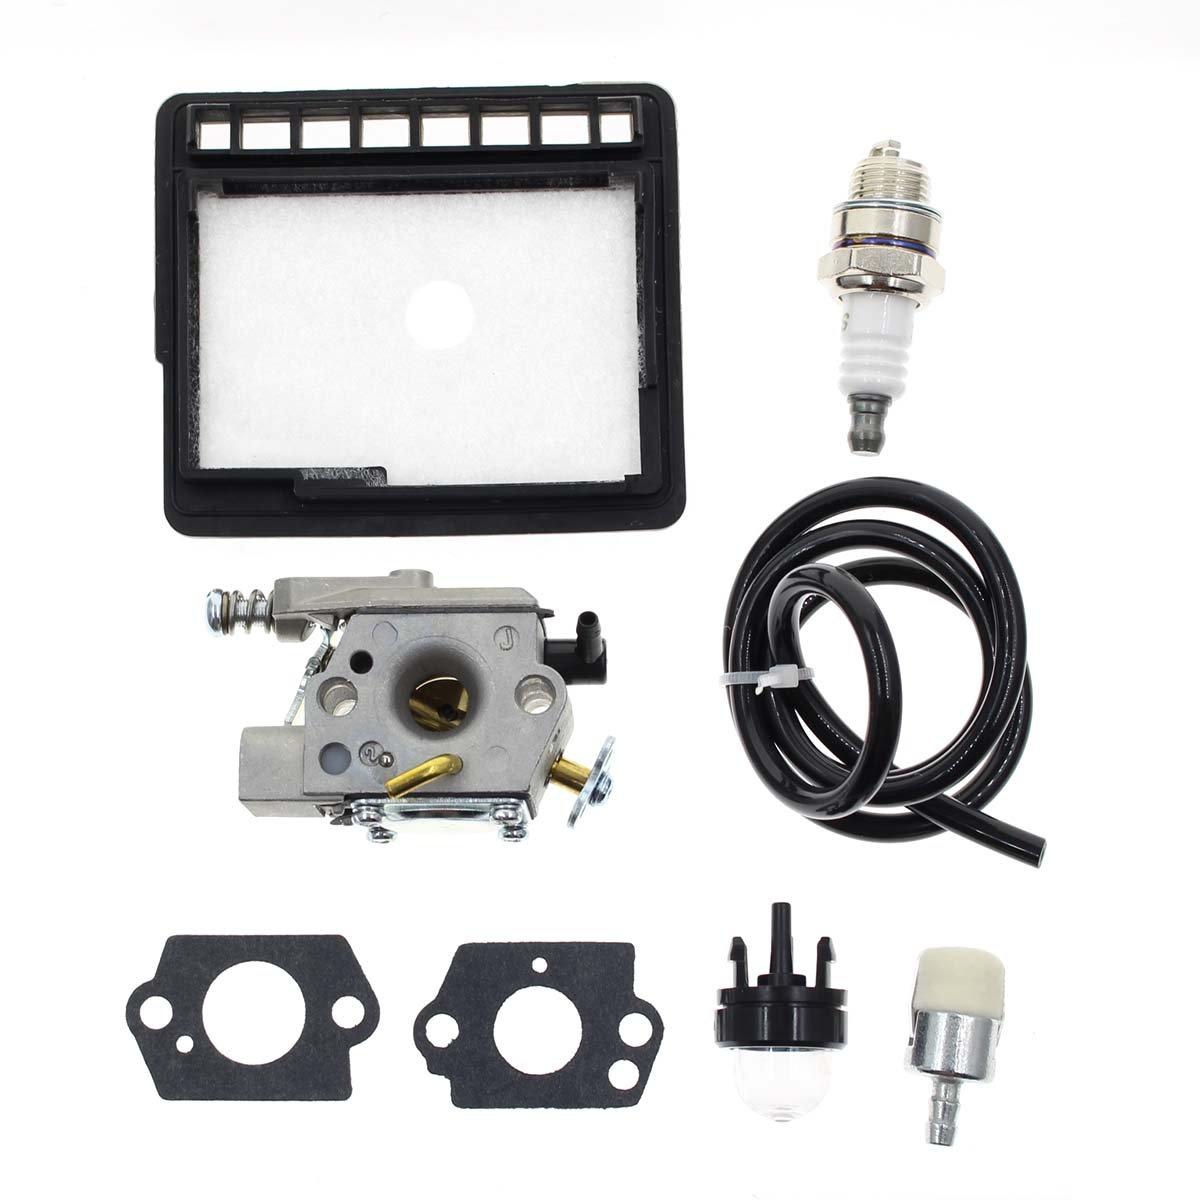 AUTOKAY Carburetor & Fuel Filter For Echo CS-341 CS-345 CS-346 CS-3000 CS-3450 CS-3400